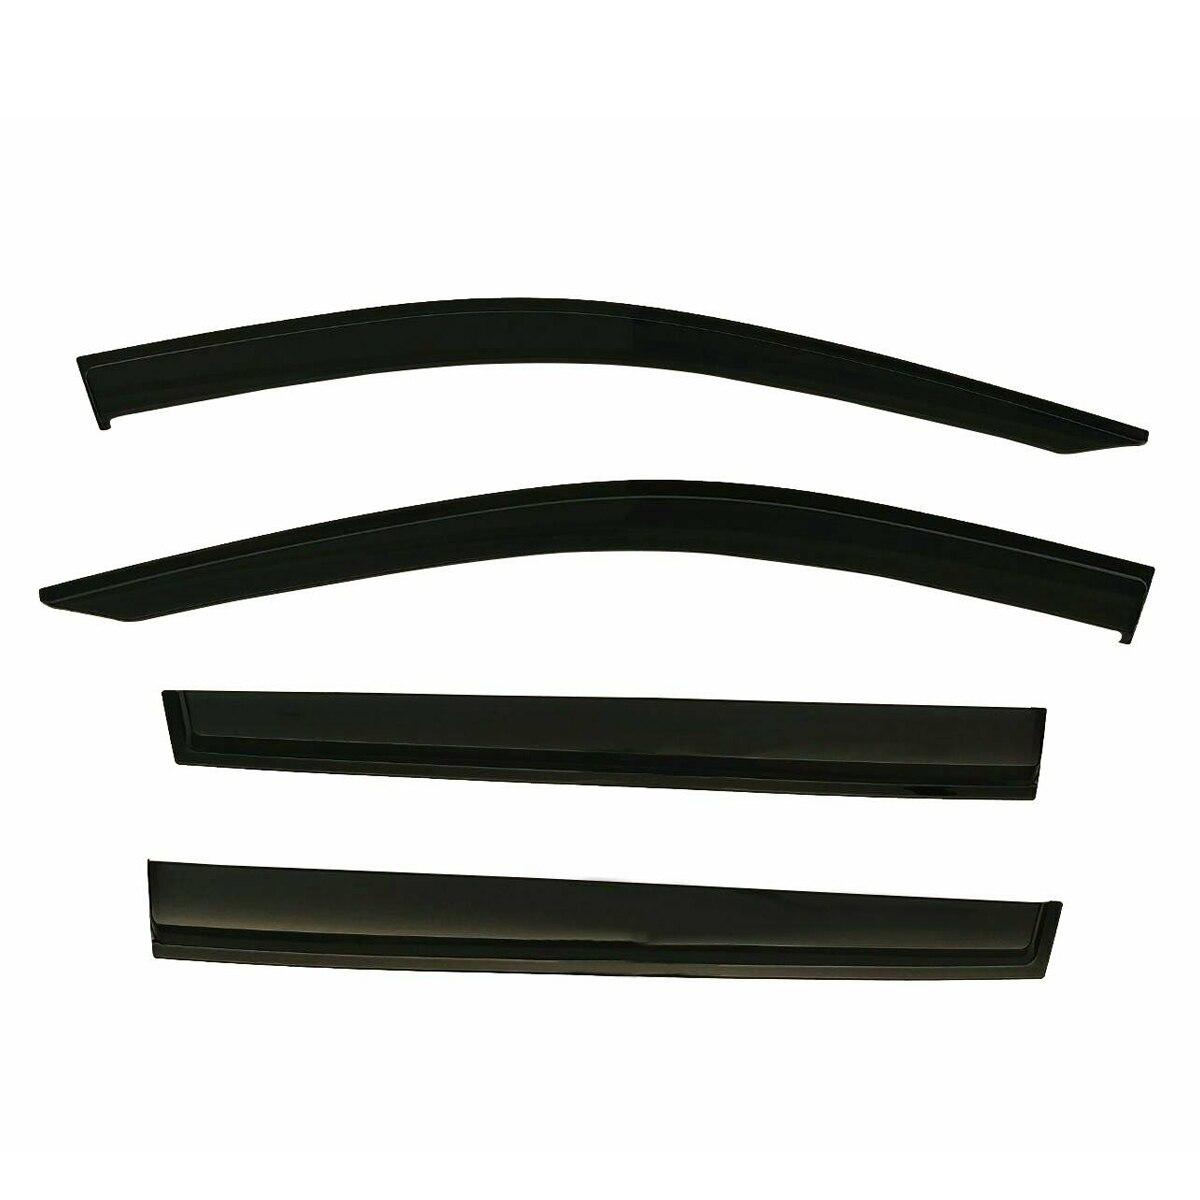 Déflecteur de pare-brise de fenêtre 4 pièces/ensemble garnitures chromées déflecteurs d'ombre de soleil d'évent pour Toyota RAV4 2019 ~ 2020 - 3